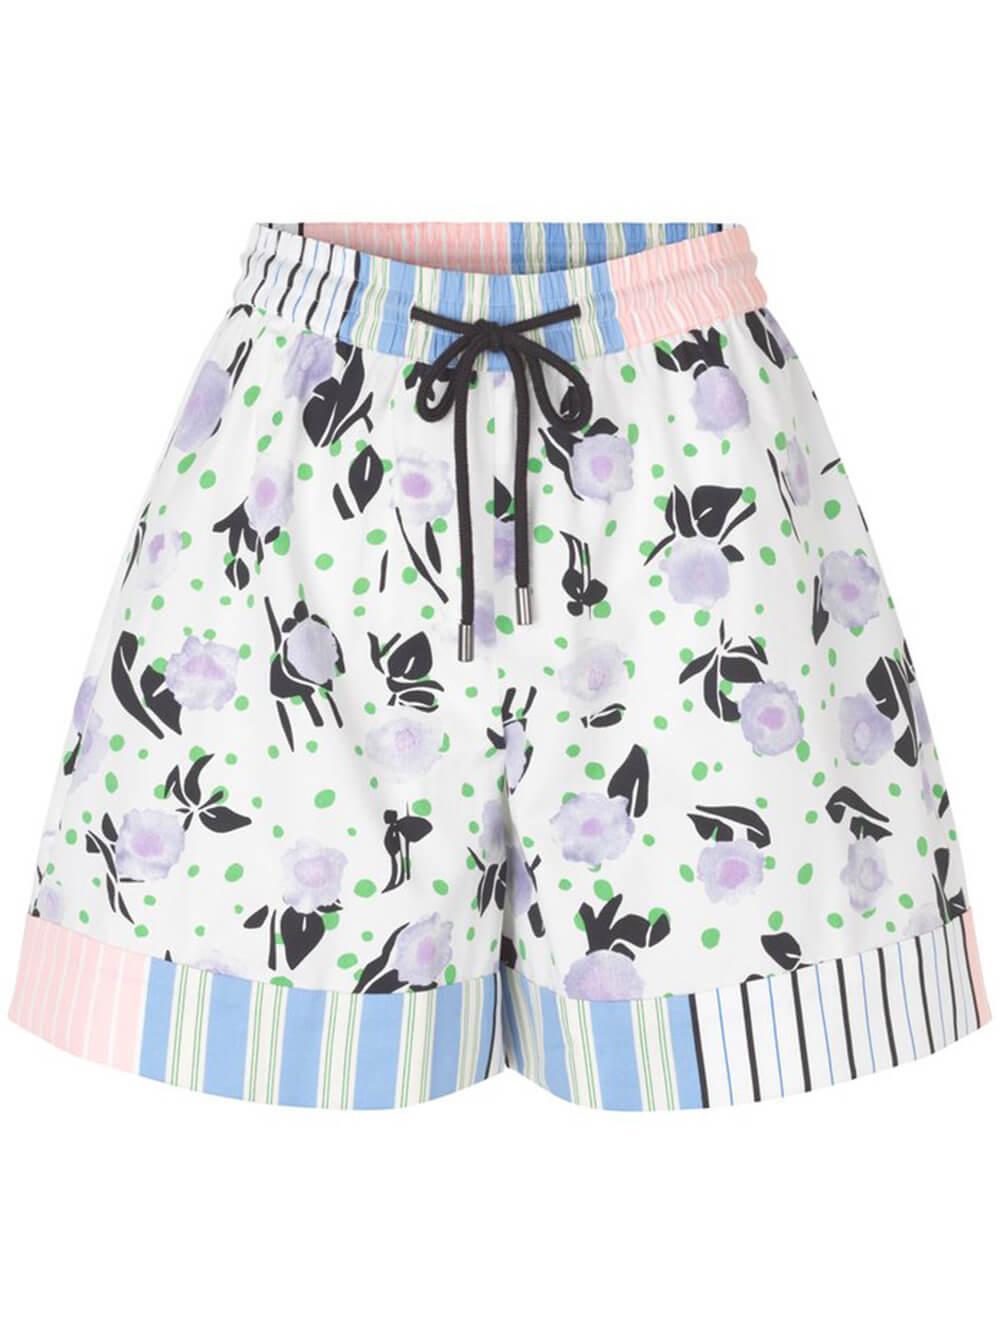 Klodi Shorts Item # SG3700